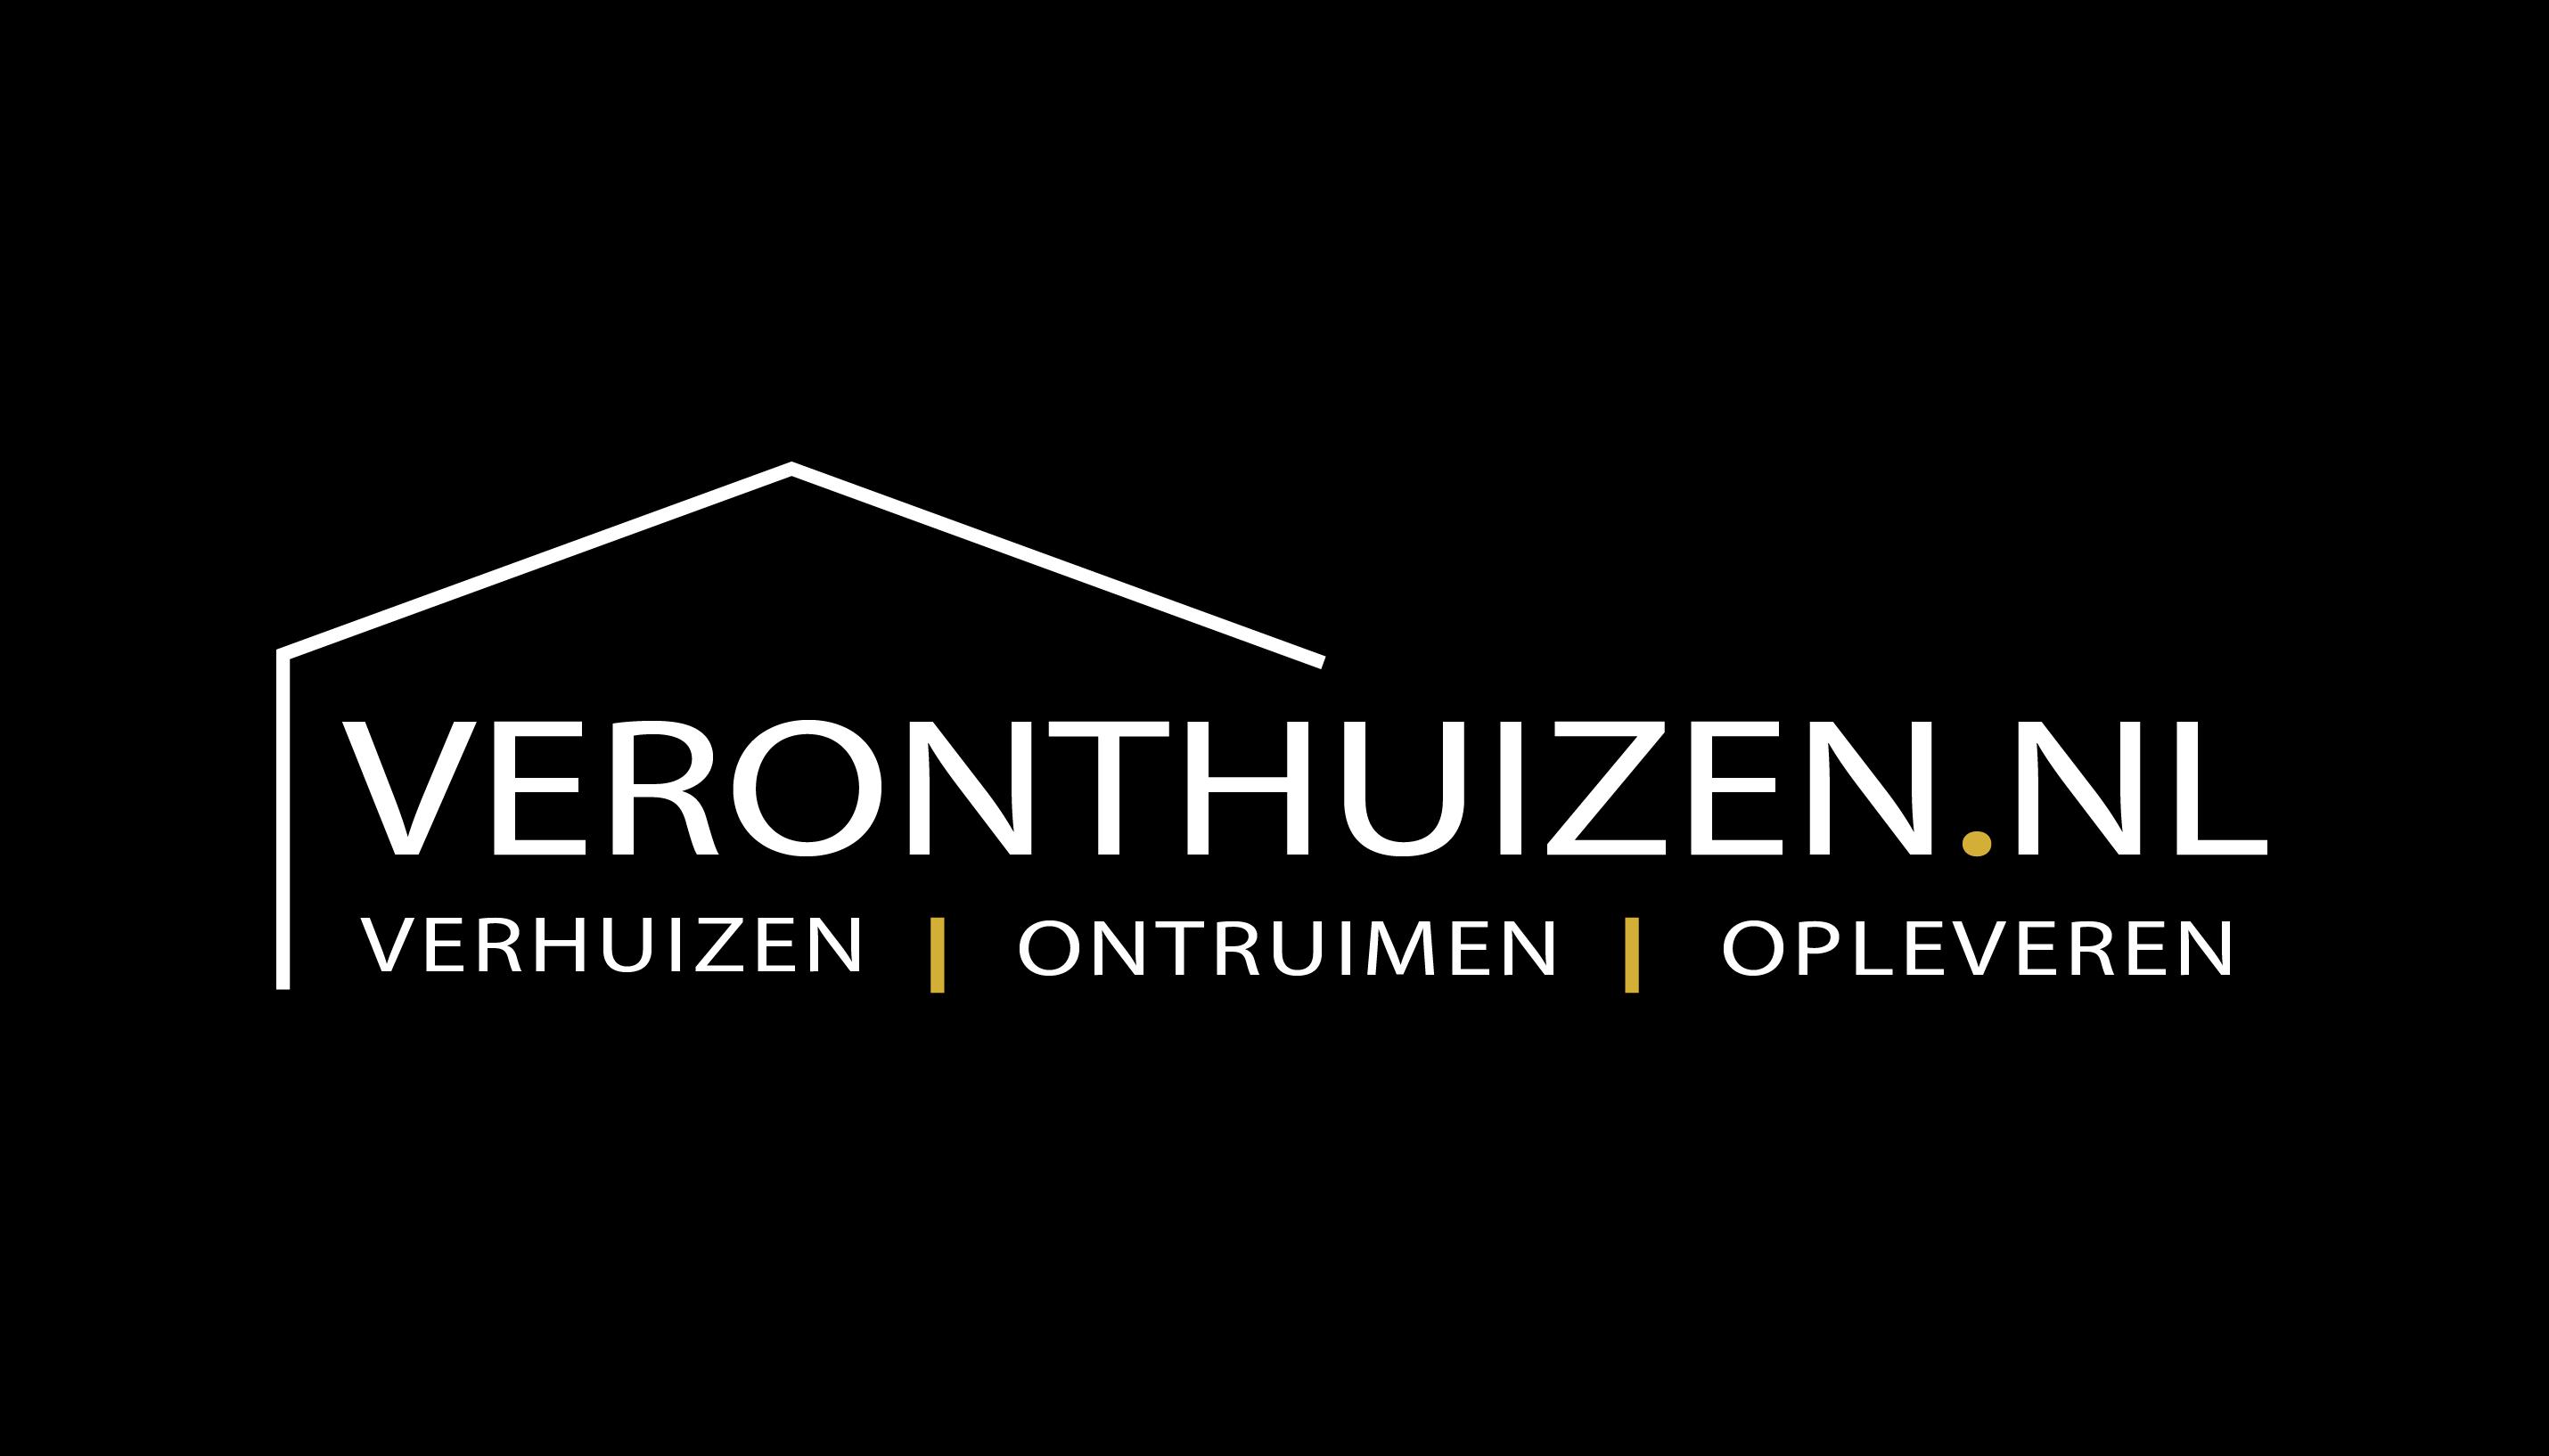 logo van veronthuizen.nl een verhuisbedrijf in breda